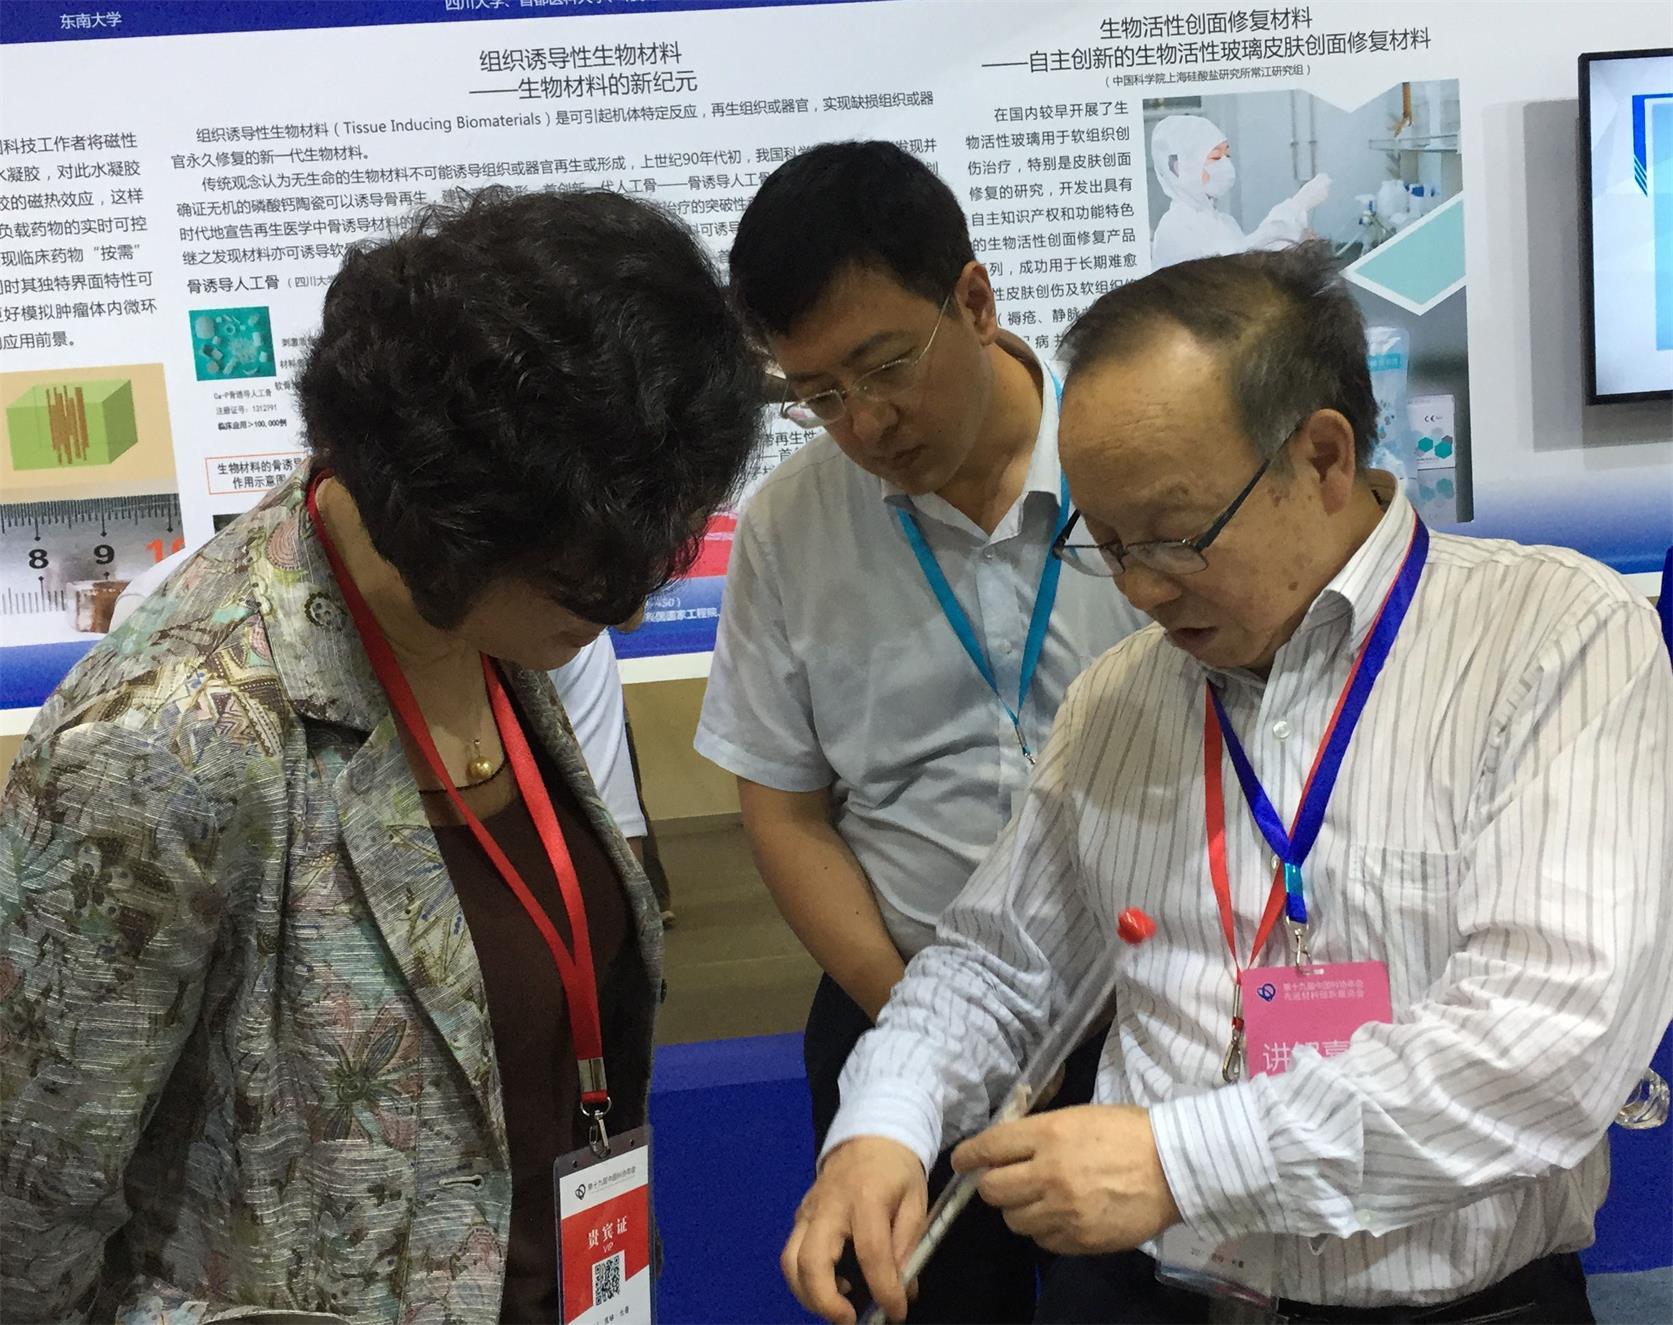 松力人工韧带参加中国科协先进材料展